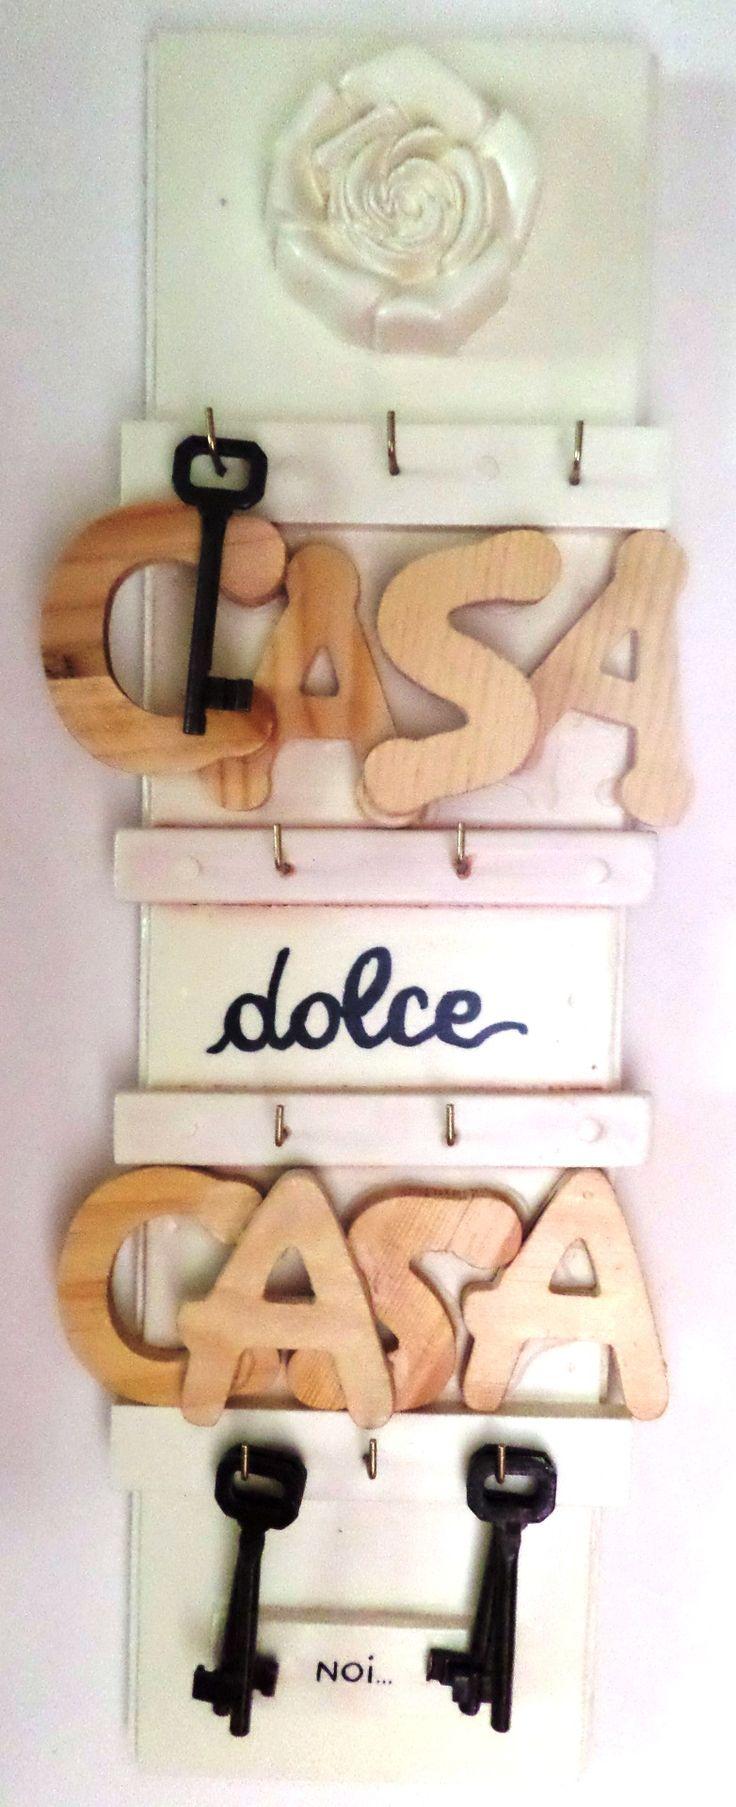 Restailing: porta-chiavi ridipinto con smalto avorio, scritta in legno e rosa in gesso